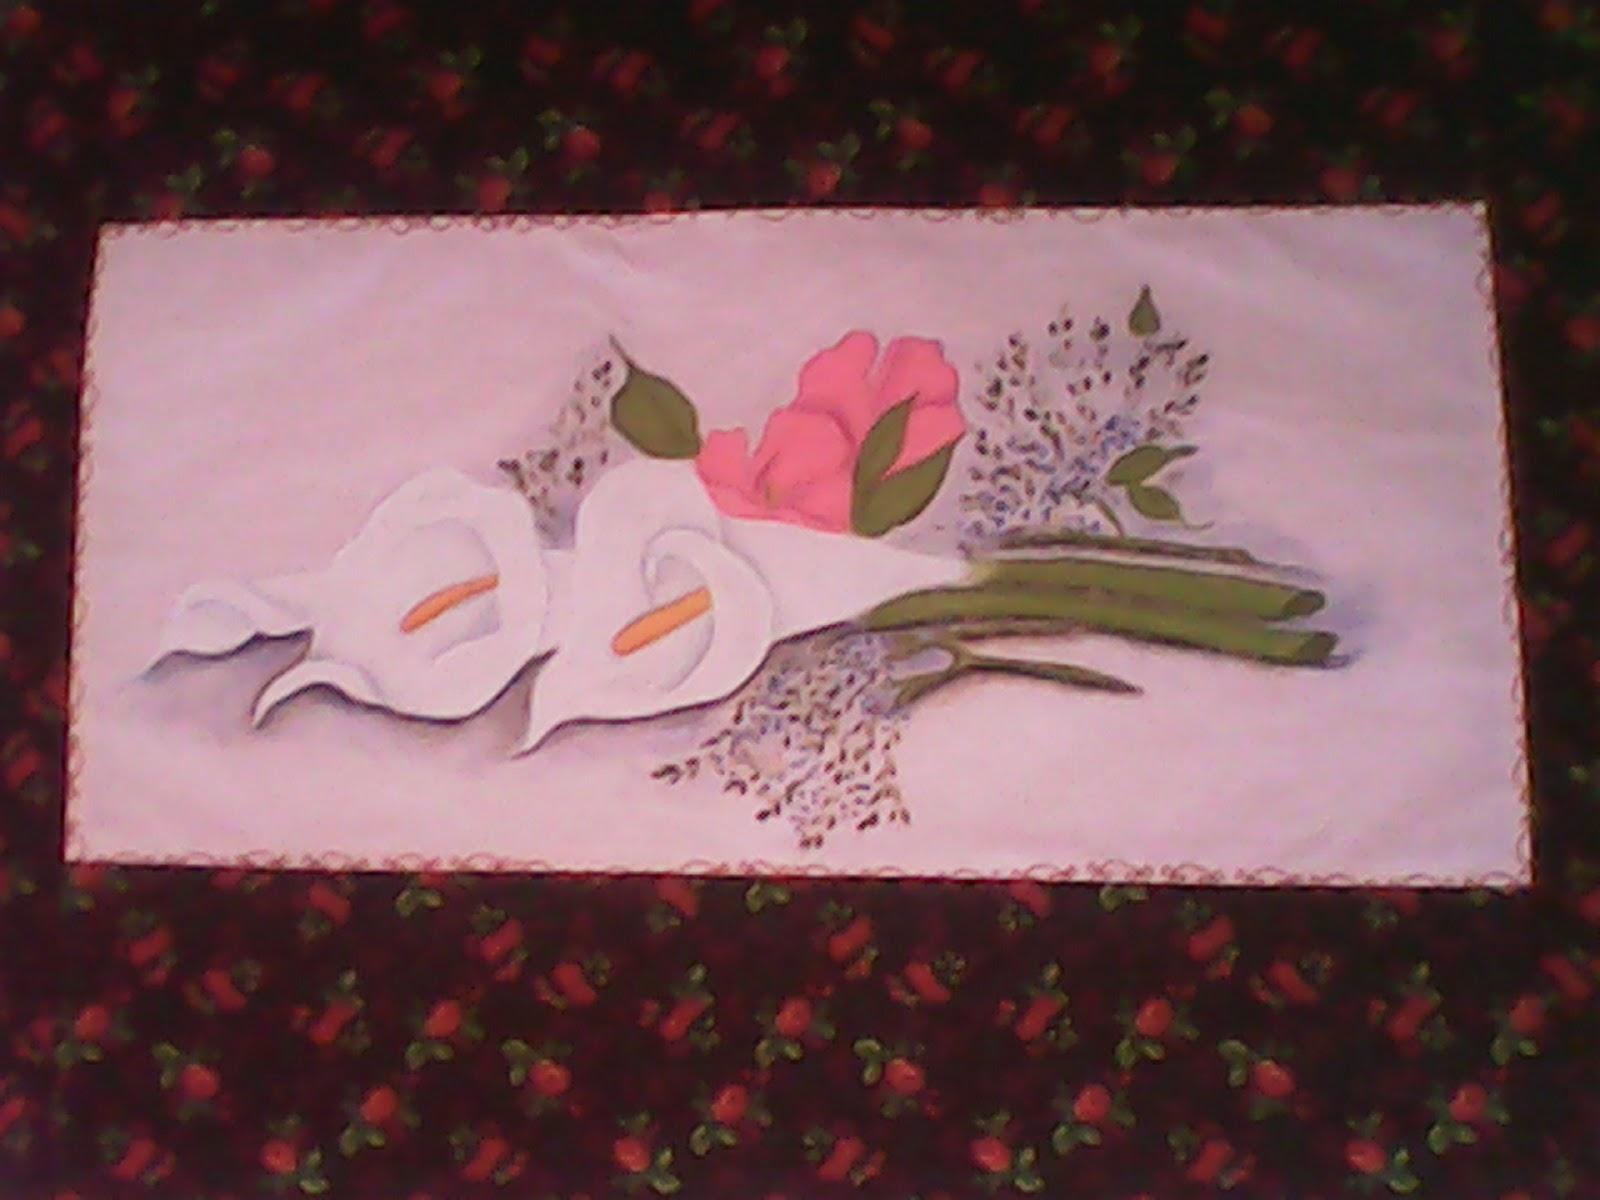 Presença da Arte: Puxa Saco de vaquinha tapetes e pano de fogão #9A3147 1600 1200